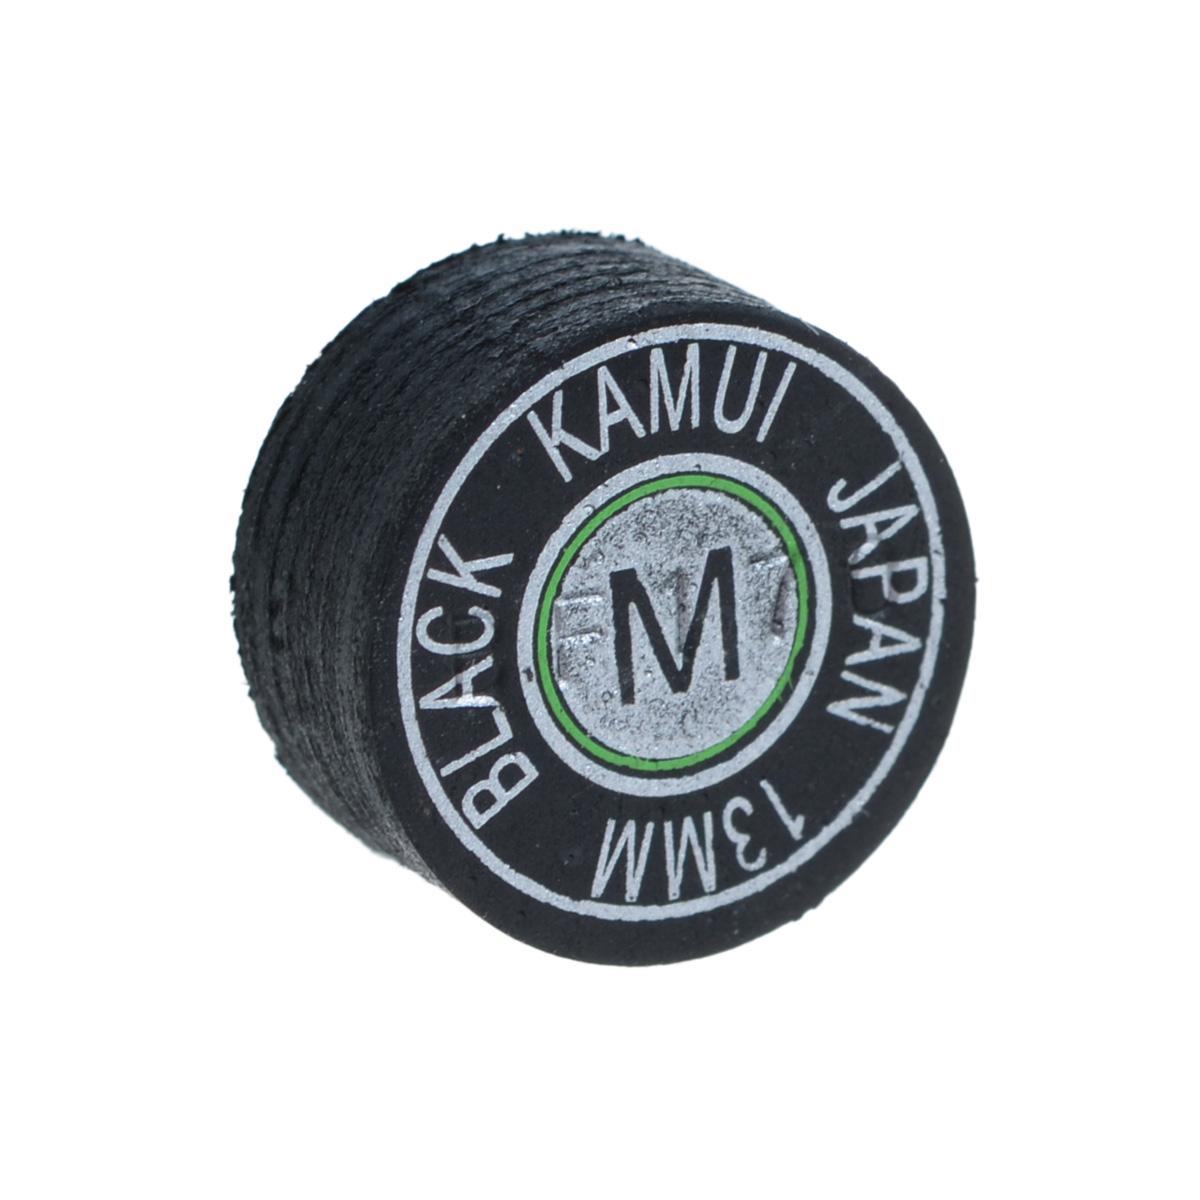 """Наклейка для кия Kamui """"Black"""", средняя жесткость, 13 мм"""